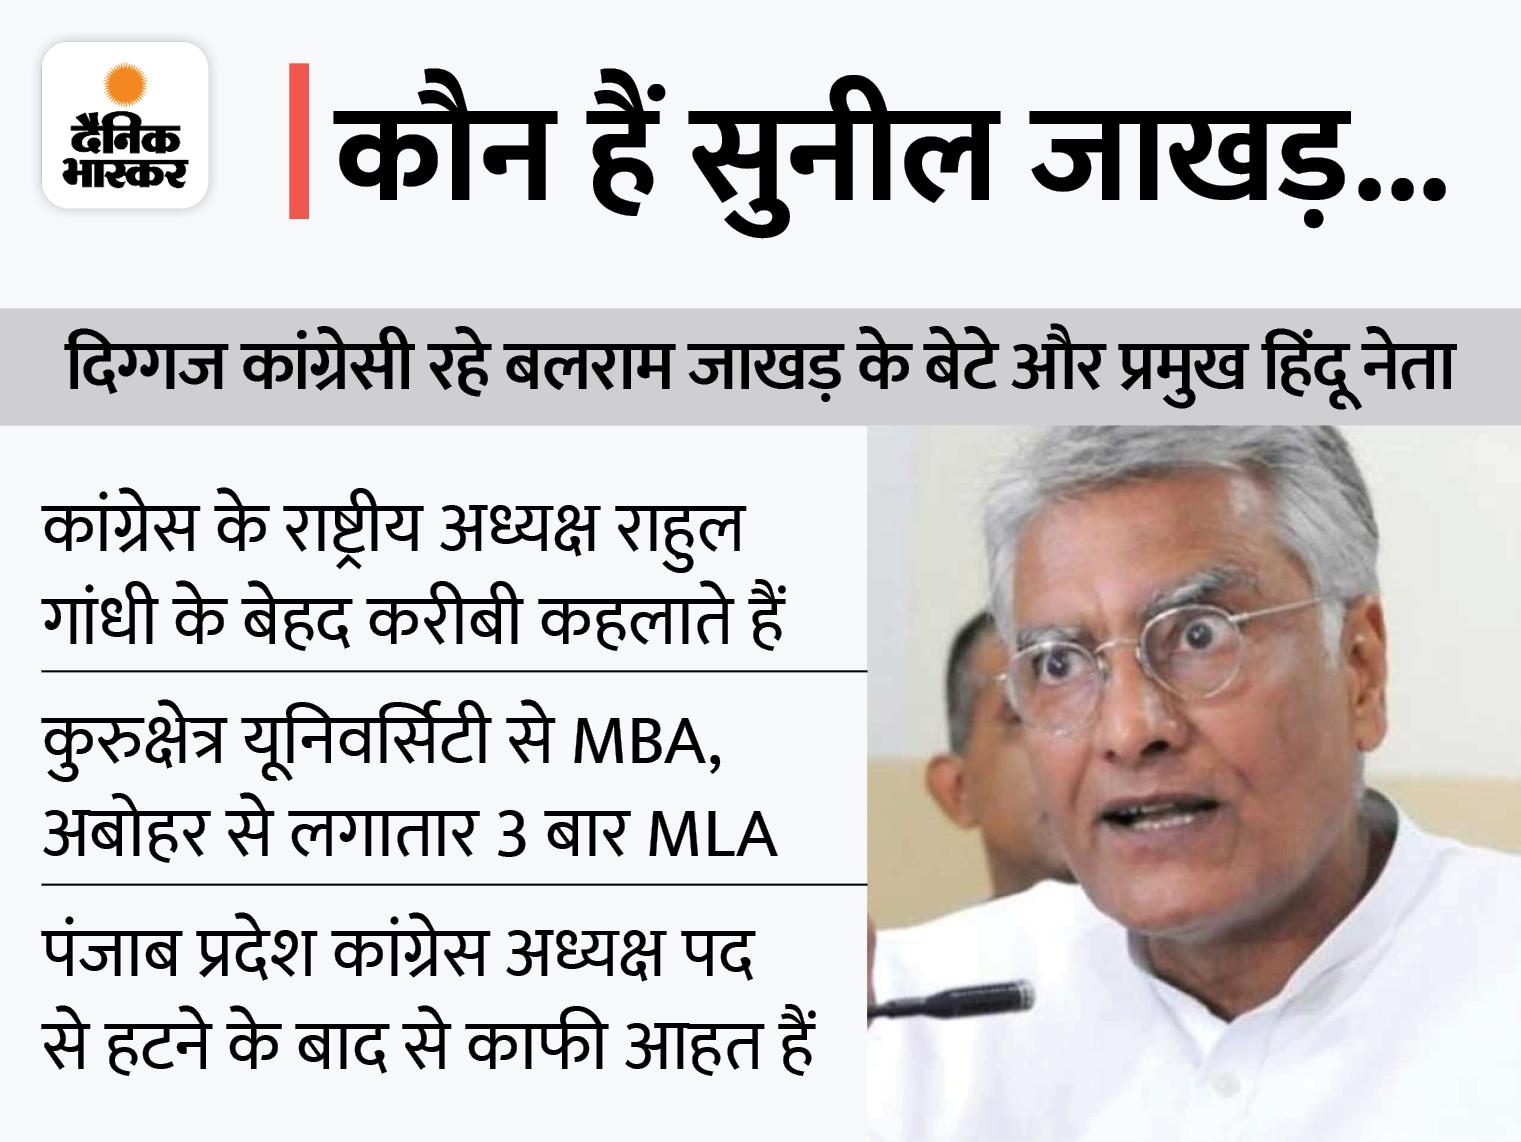 CM नहीं बन पाने के बाद उठा रहे सवाल; हरीश रावत के बयान पर आपत्ति जताई, अकाल तख्त के जत्थेदार की भी खिलाफत|देश,National - Dainik Bhaskar